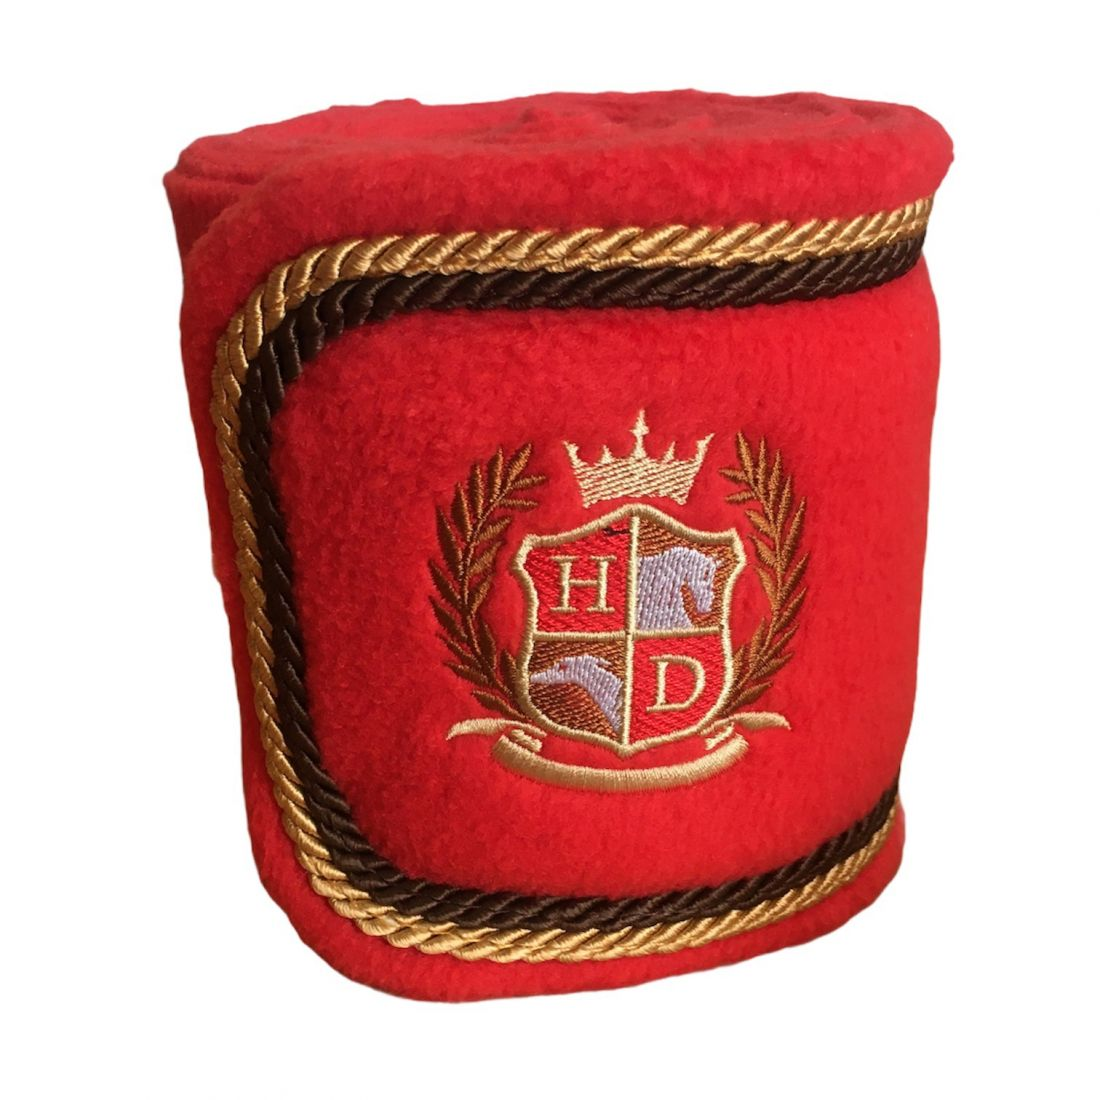 Стан флисовых бинтов H&D Care Innov